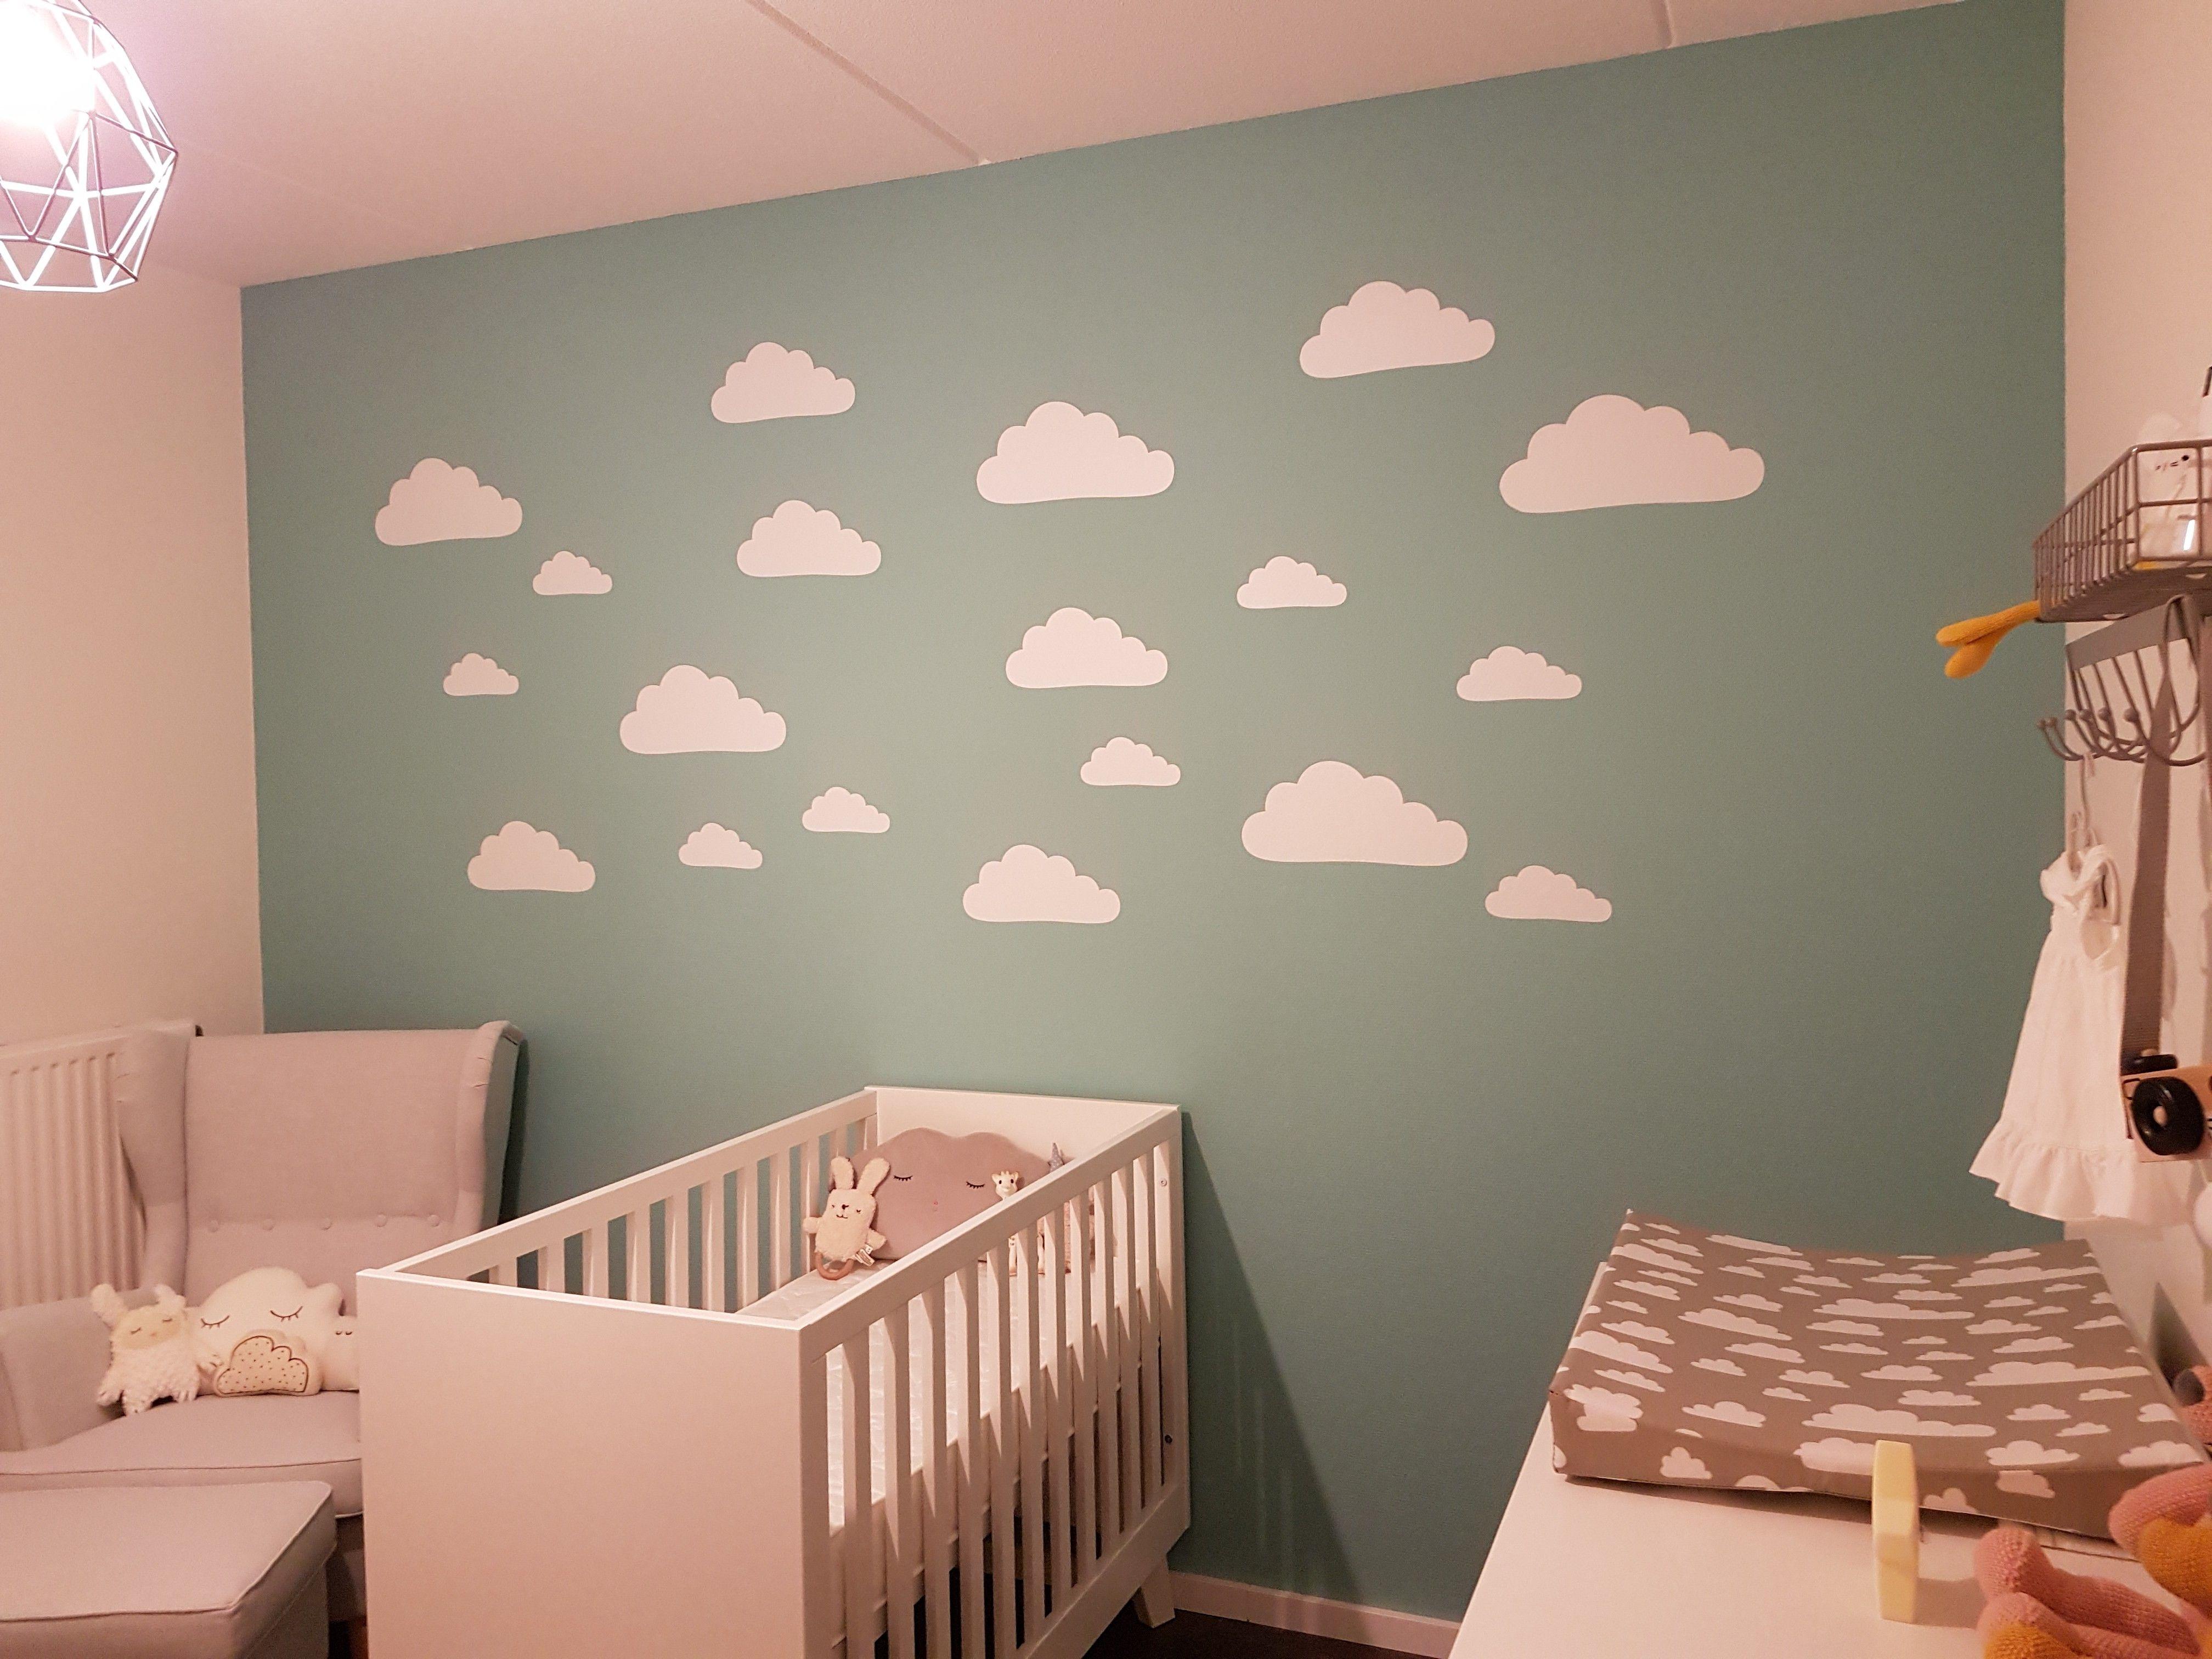 Stickers Op De Muur.Muursticker Wolkjes Voor Babykamer In 2019 Kinderkamer